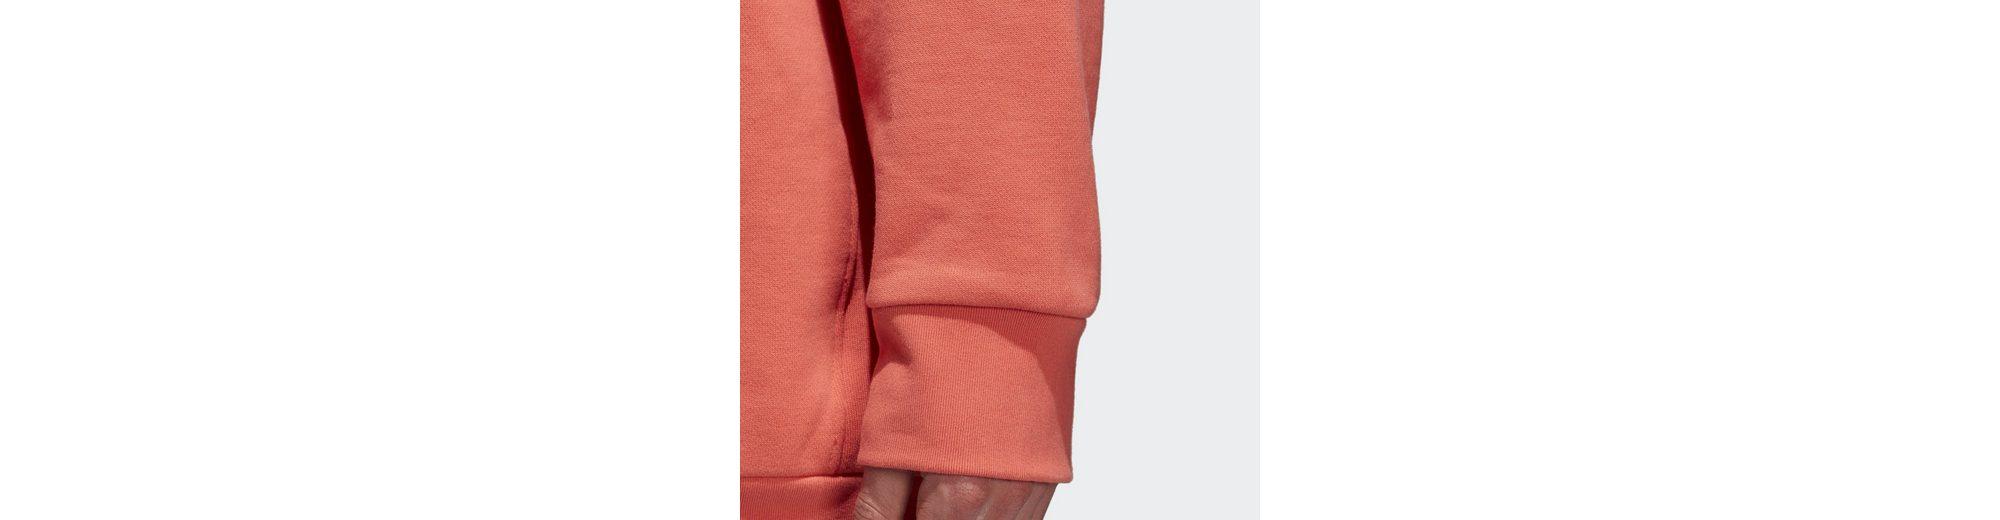 Online Kaufen Authentisch adidas Originals Longpullover Trefoil Oversize Crew Sweatshirt Neu Werden Billig 3xnEo92lU